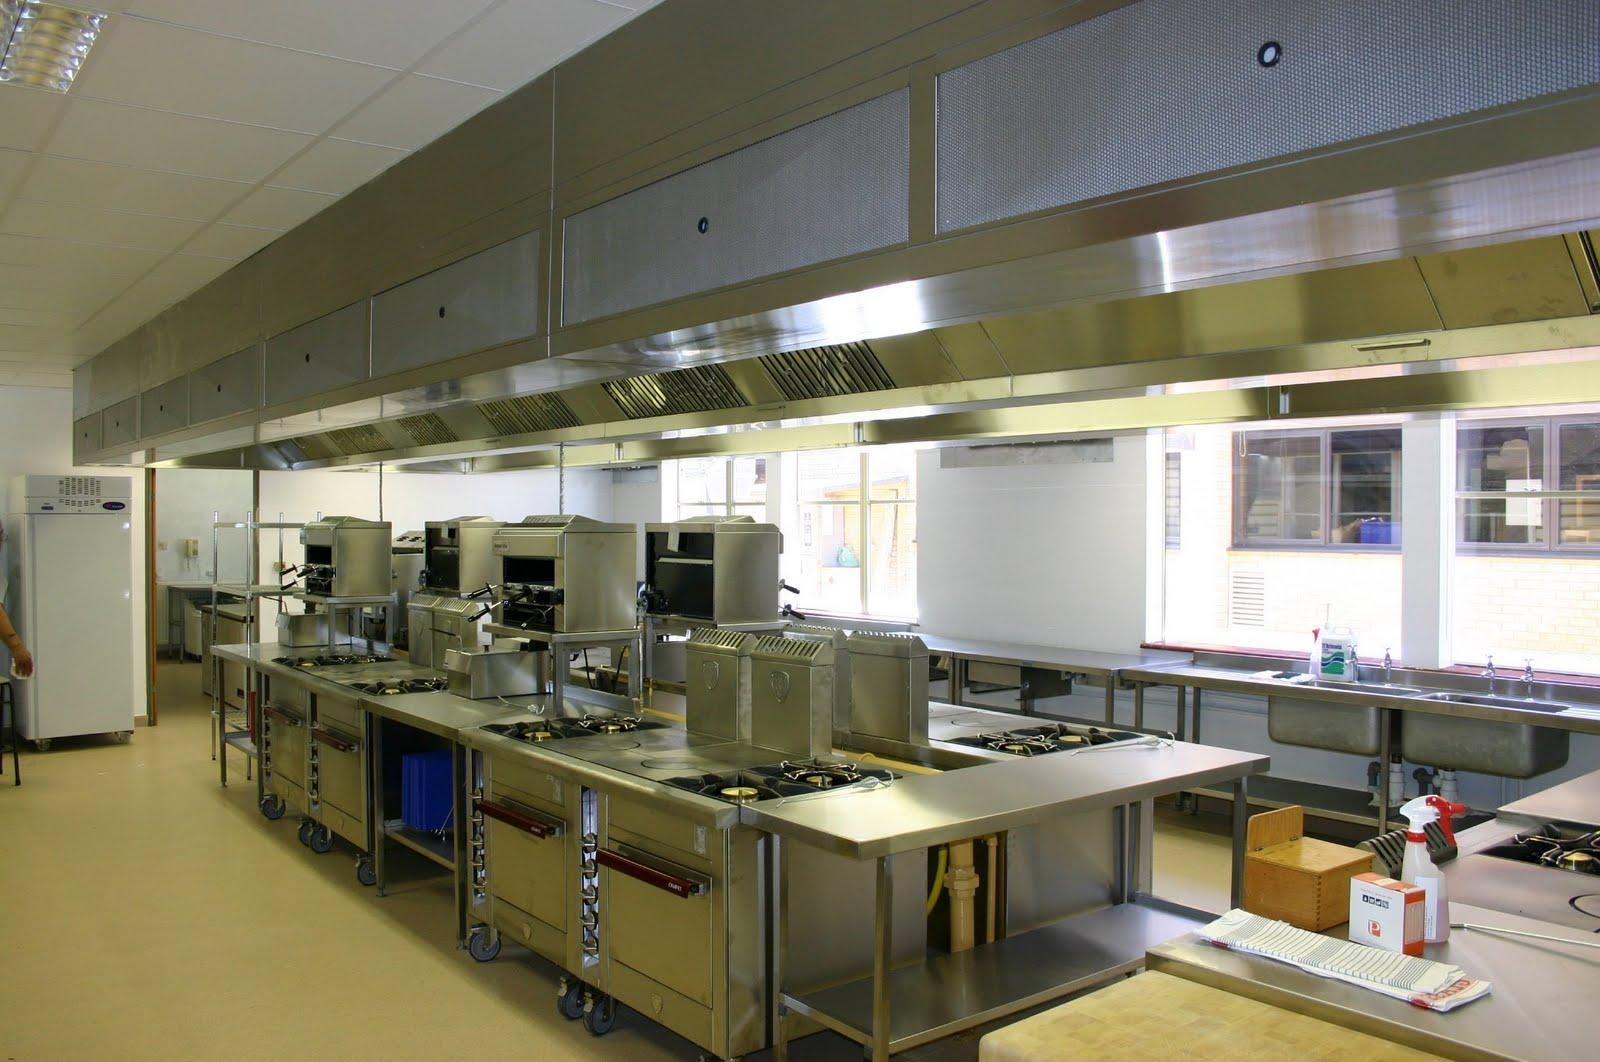 todoproductividad ventilaci n eficiente en las cocinas